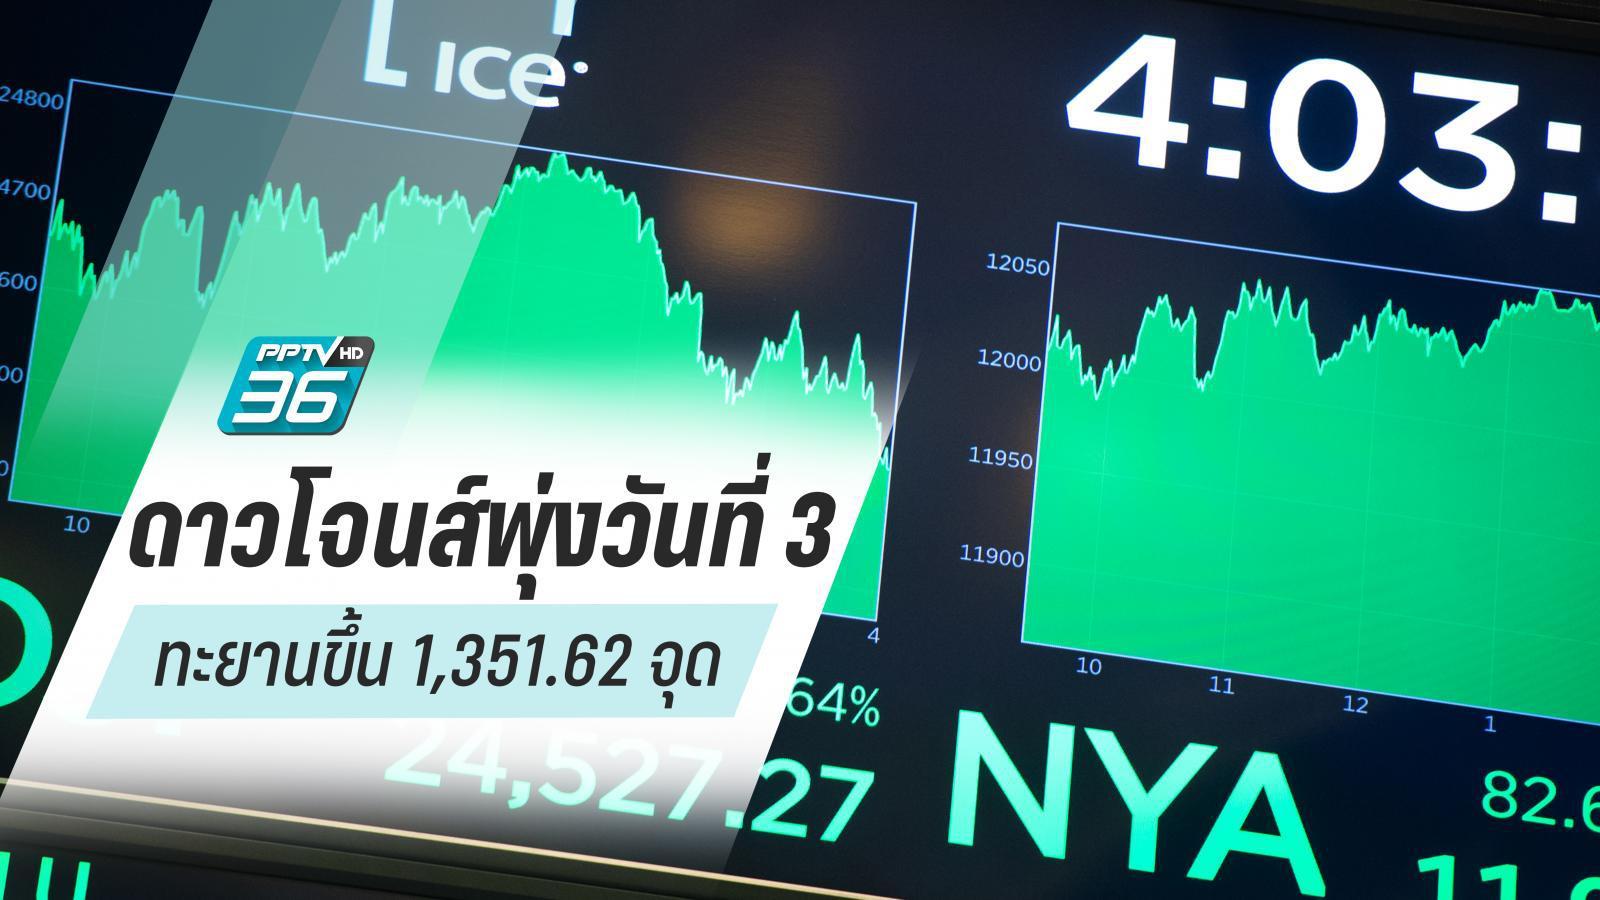 """หุ้นเอเชียรวมทั้งไทย """"ปิดภาคเช้า"""" วันนี้ปรับตัวสูงขึ้น"""